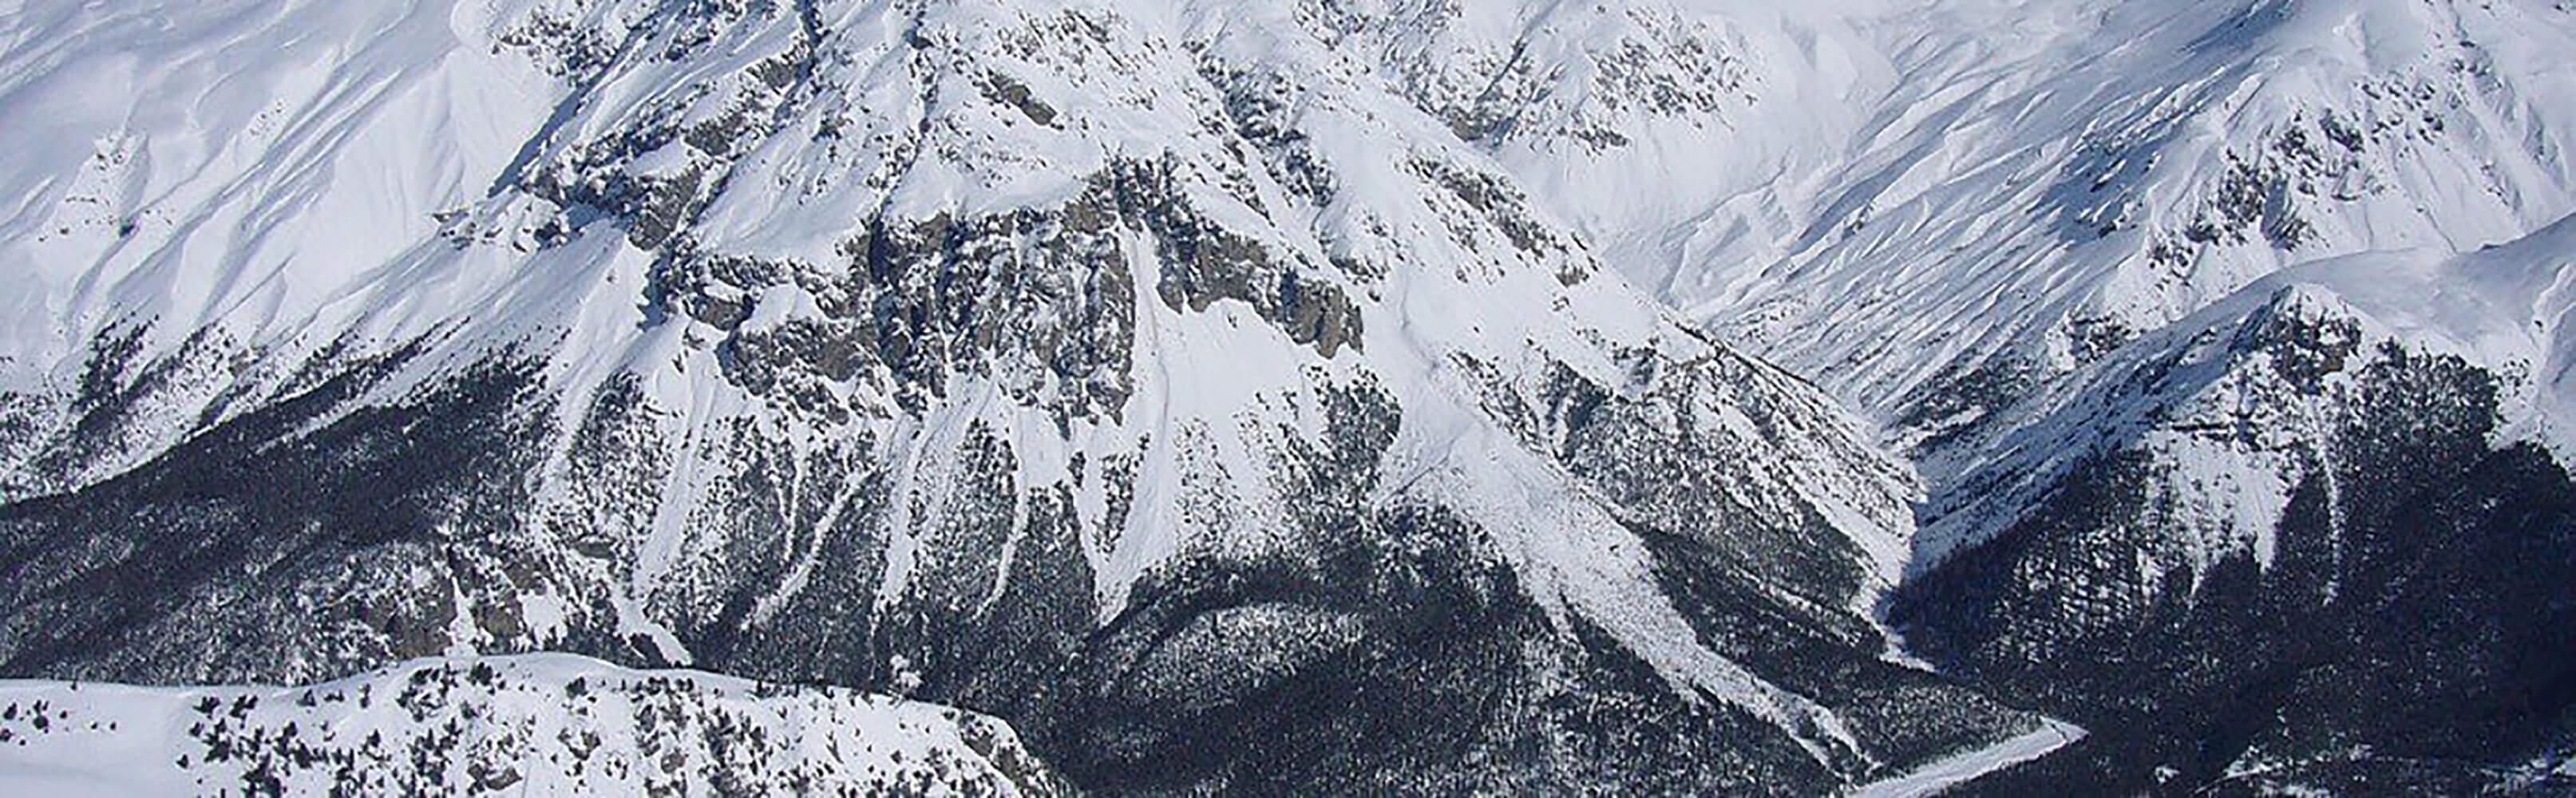 Nationalpark Zernez 1